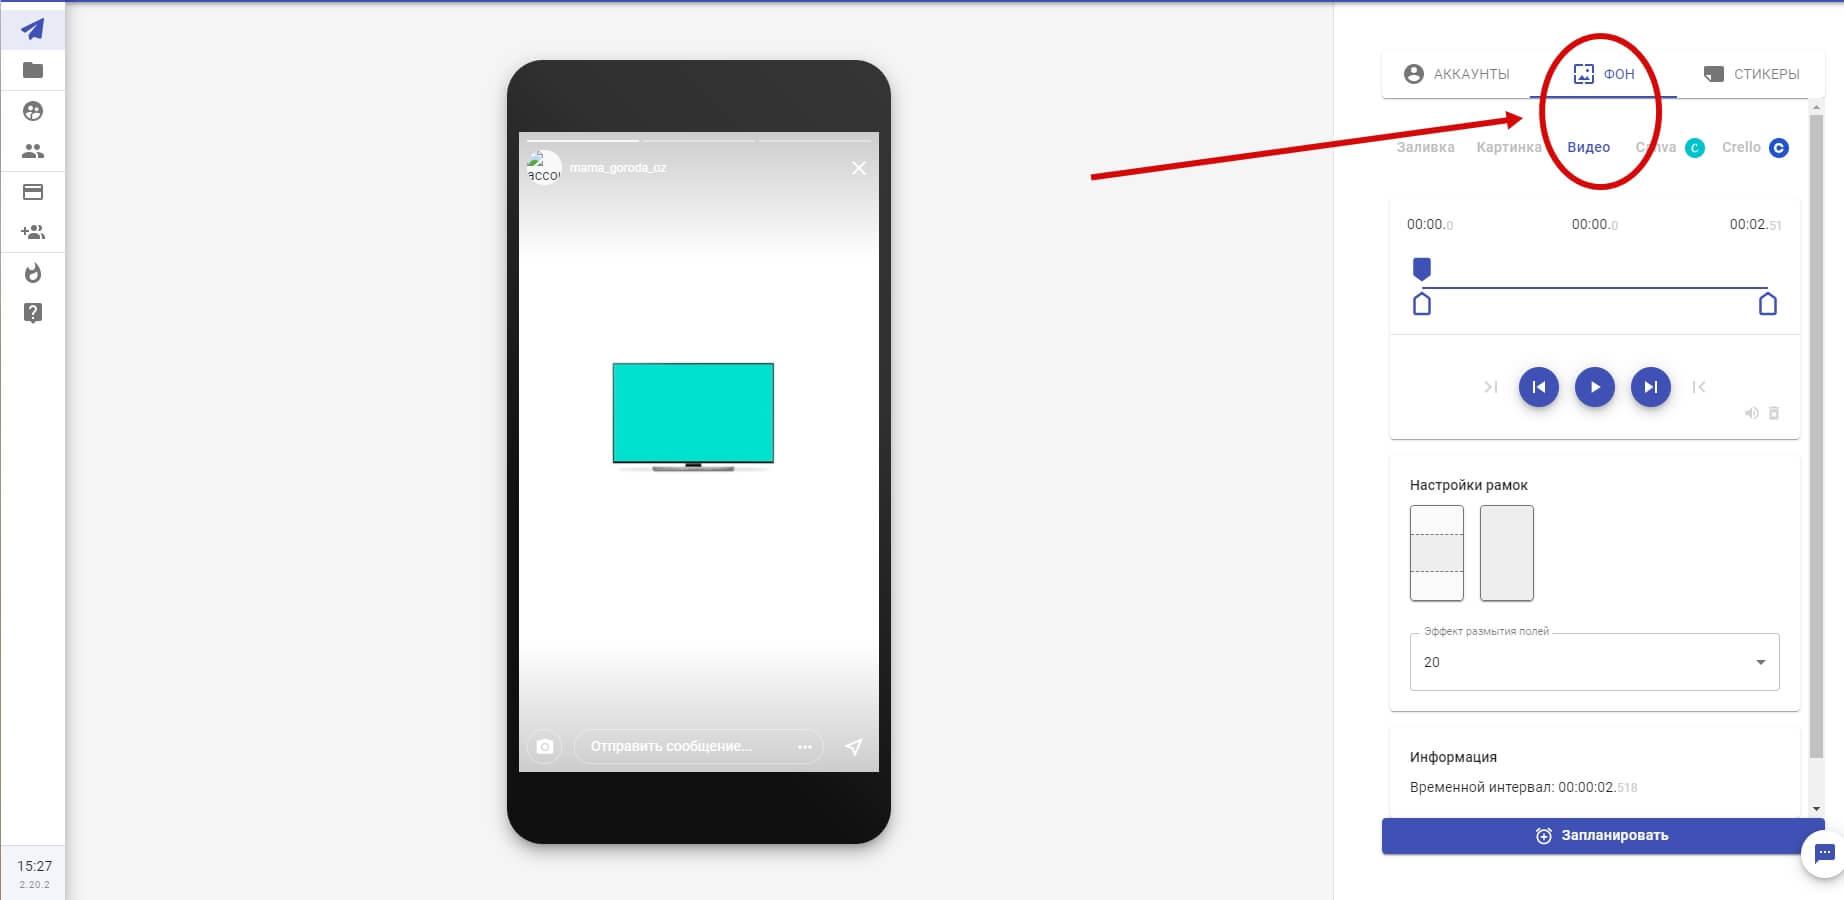 После выбора аккаунта во вкладке фон можно добавить гифку в сторис Инстаграма